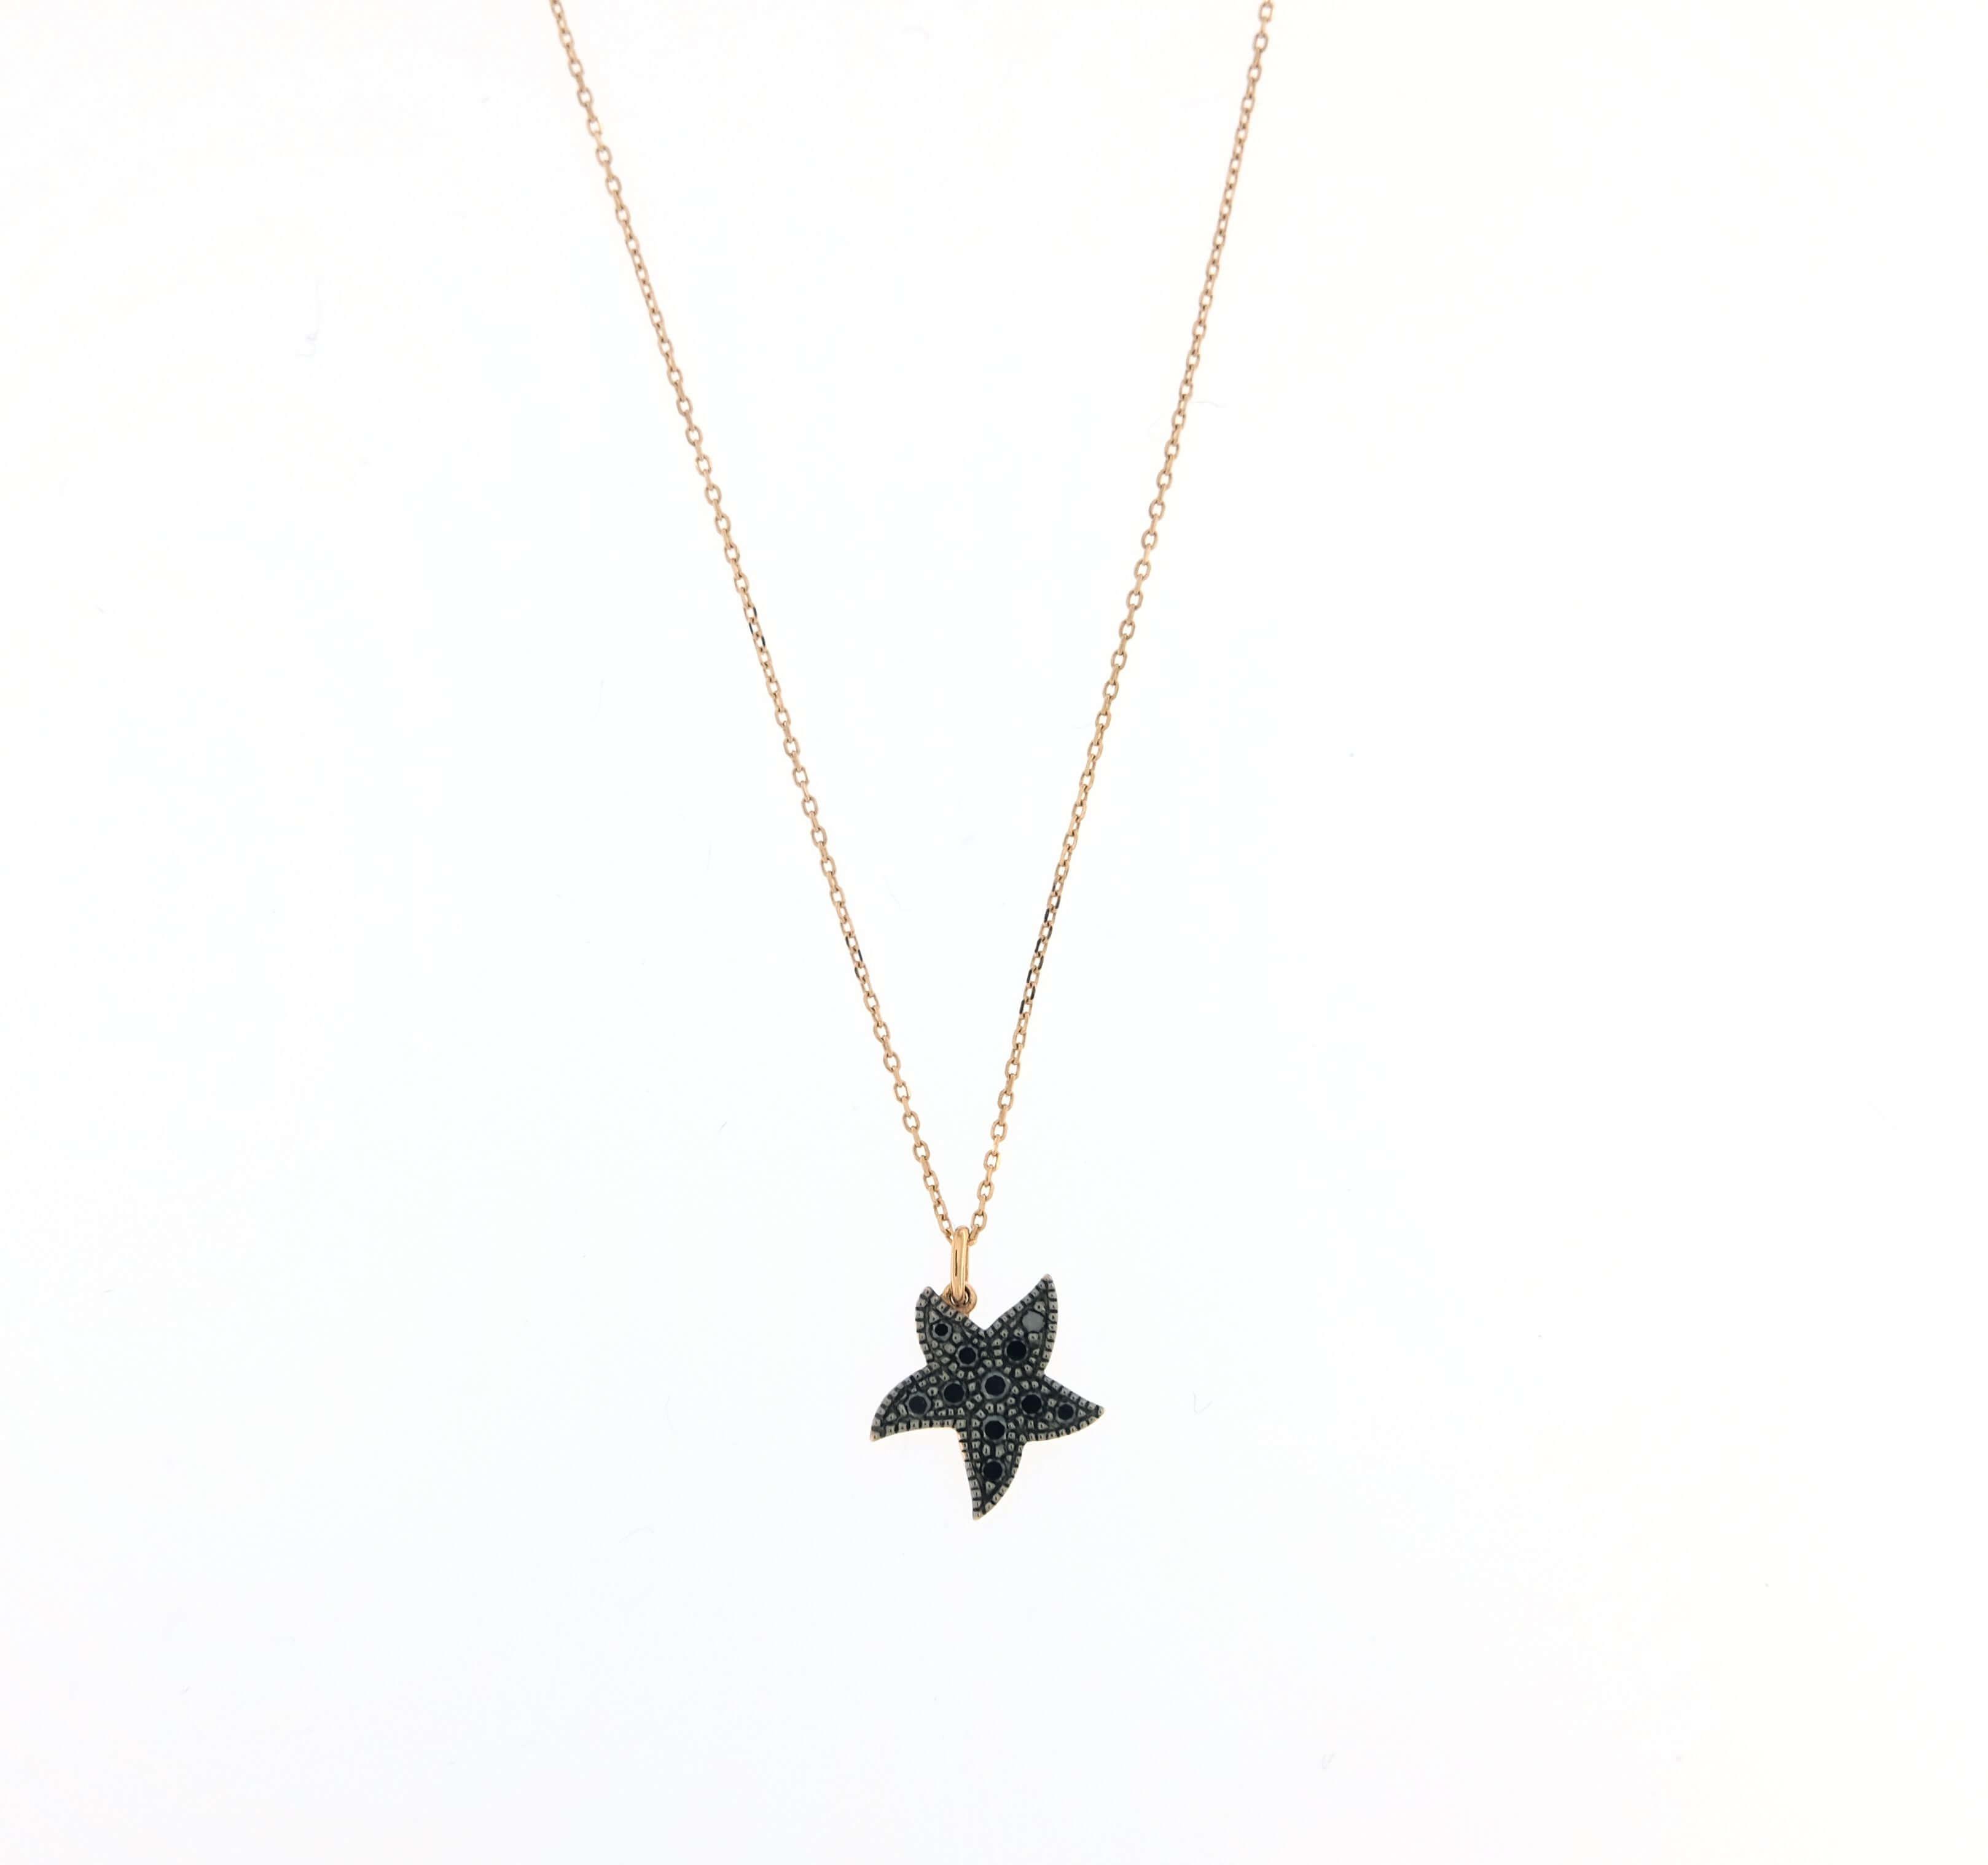 selezione migliore 0777e dd89f Collana Labor oro rosa con pendente stella in diamanti neri e catenina rolò